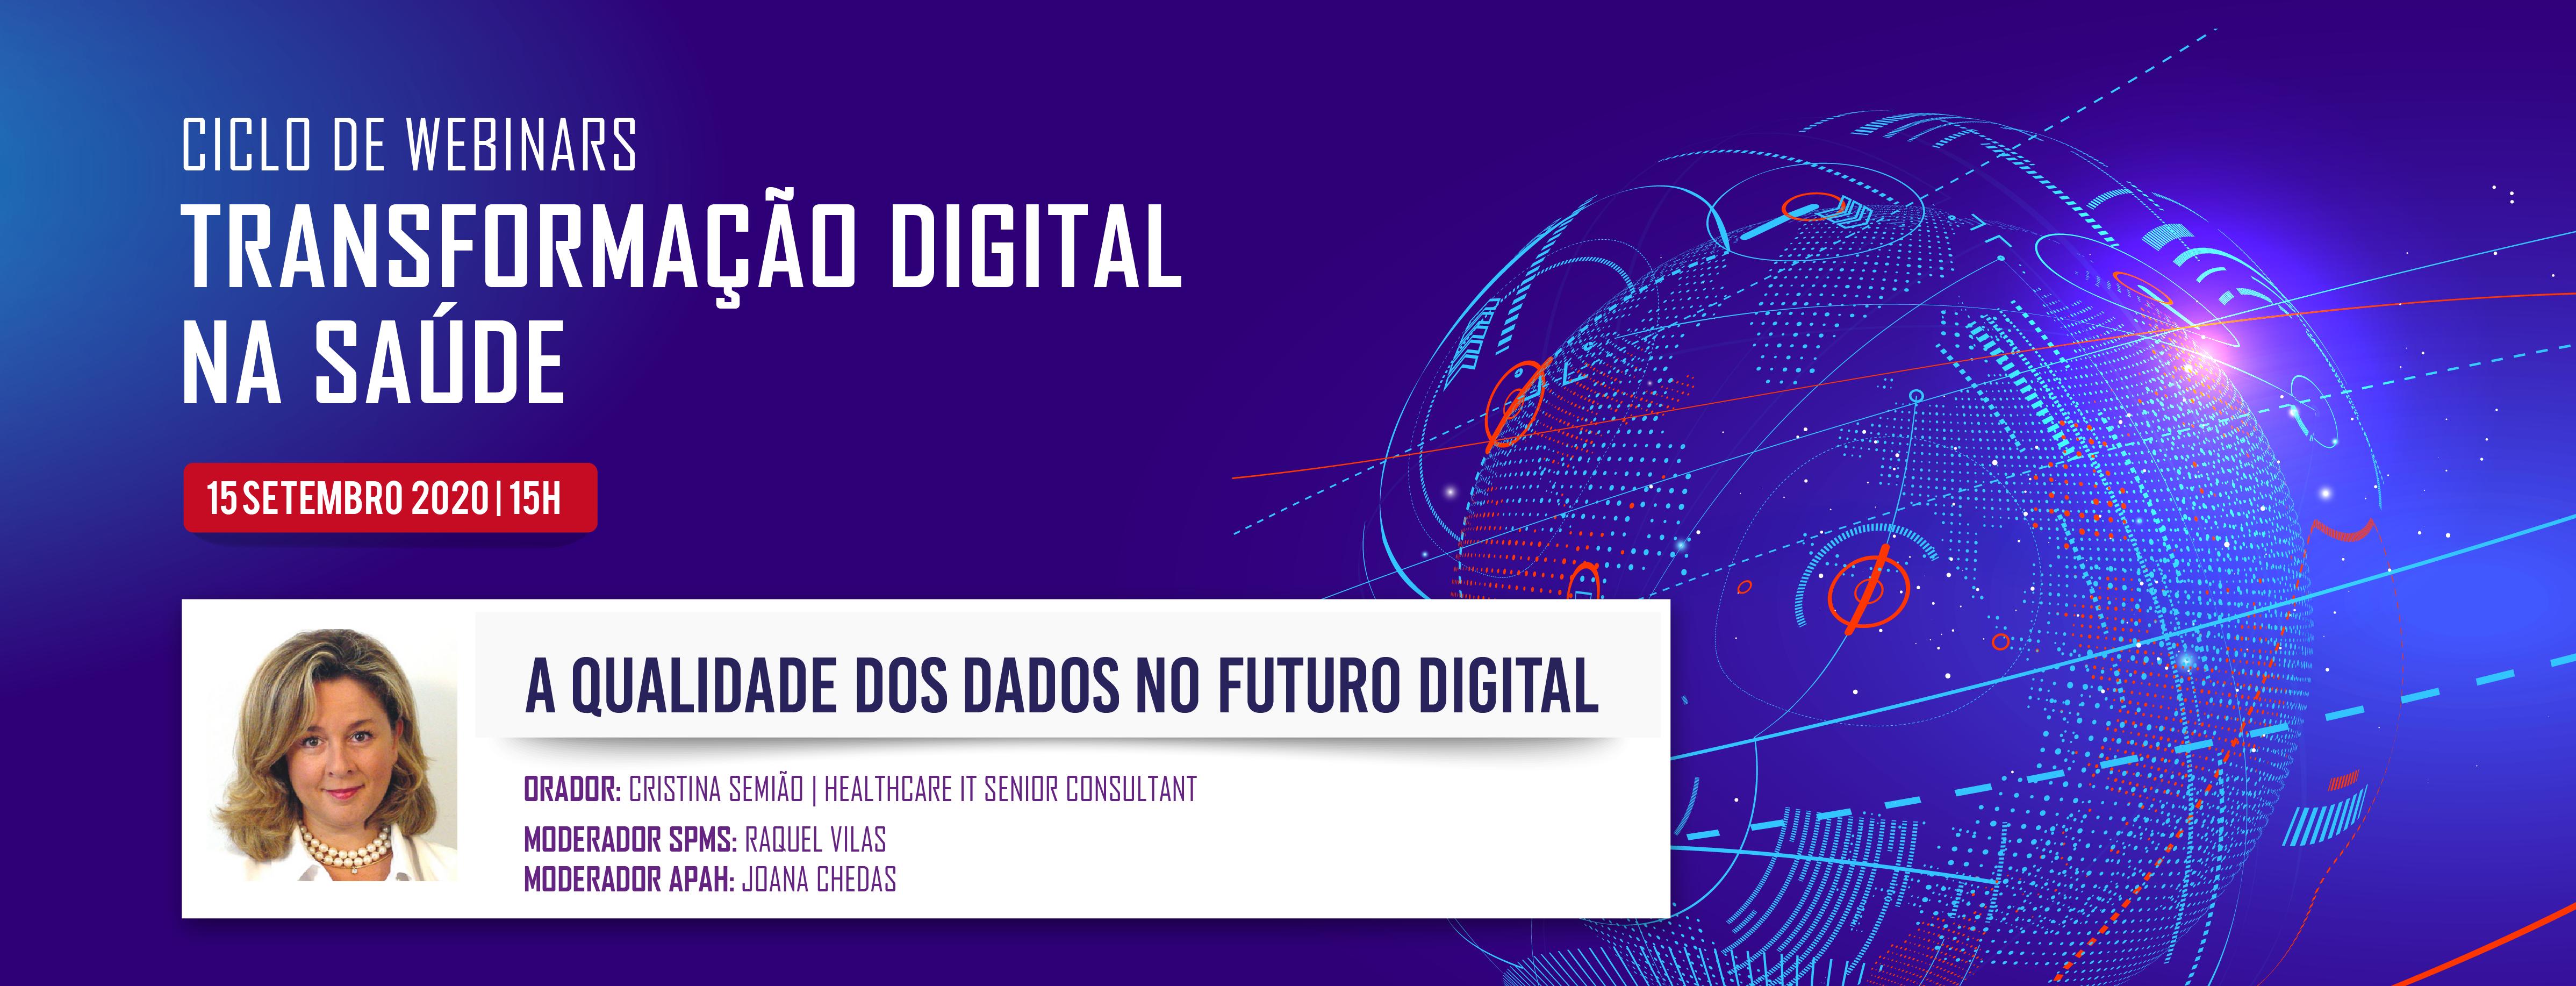 A-qualidade-de-dados-no-futuro-digital